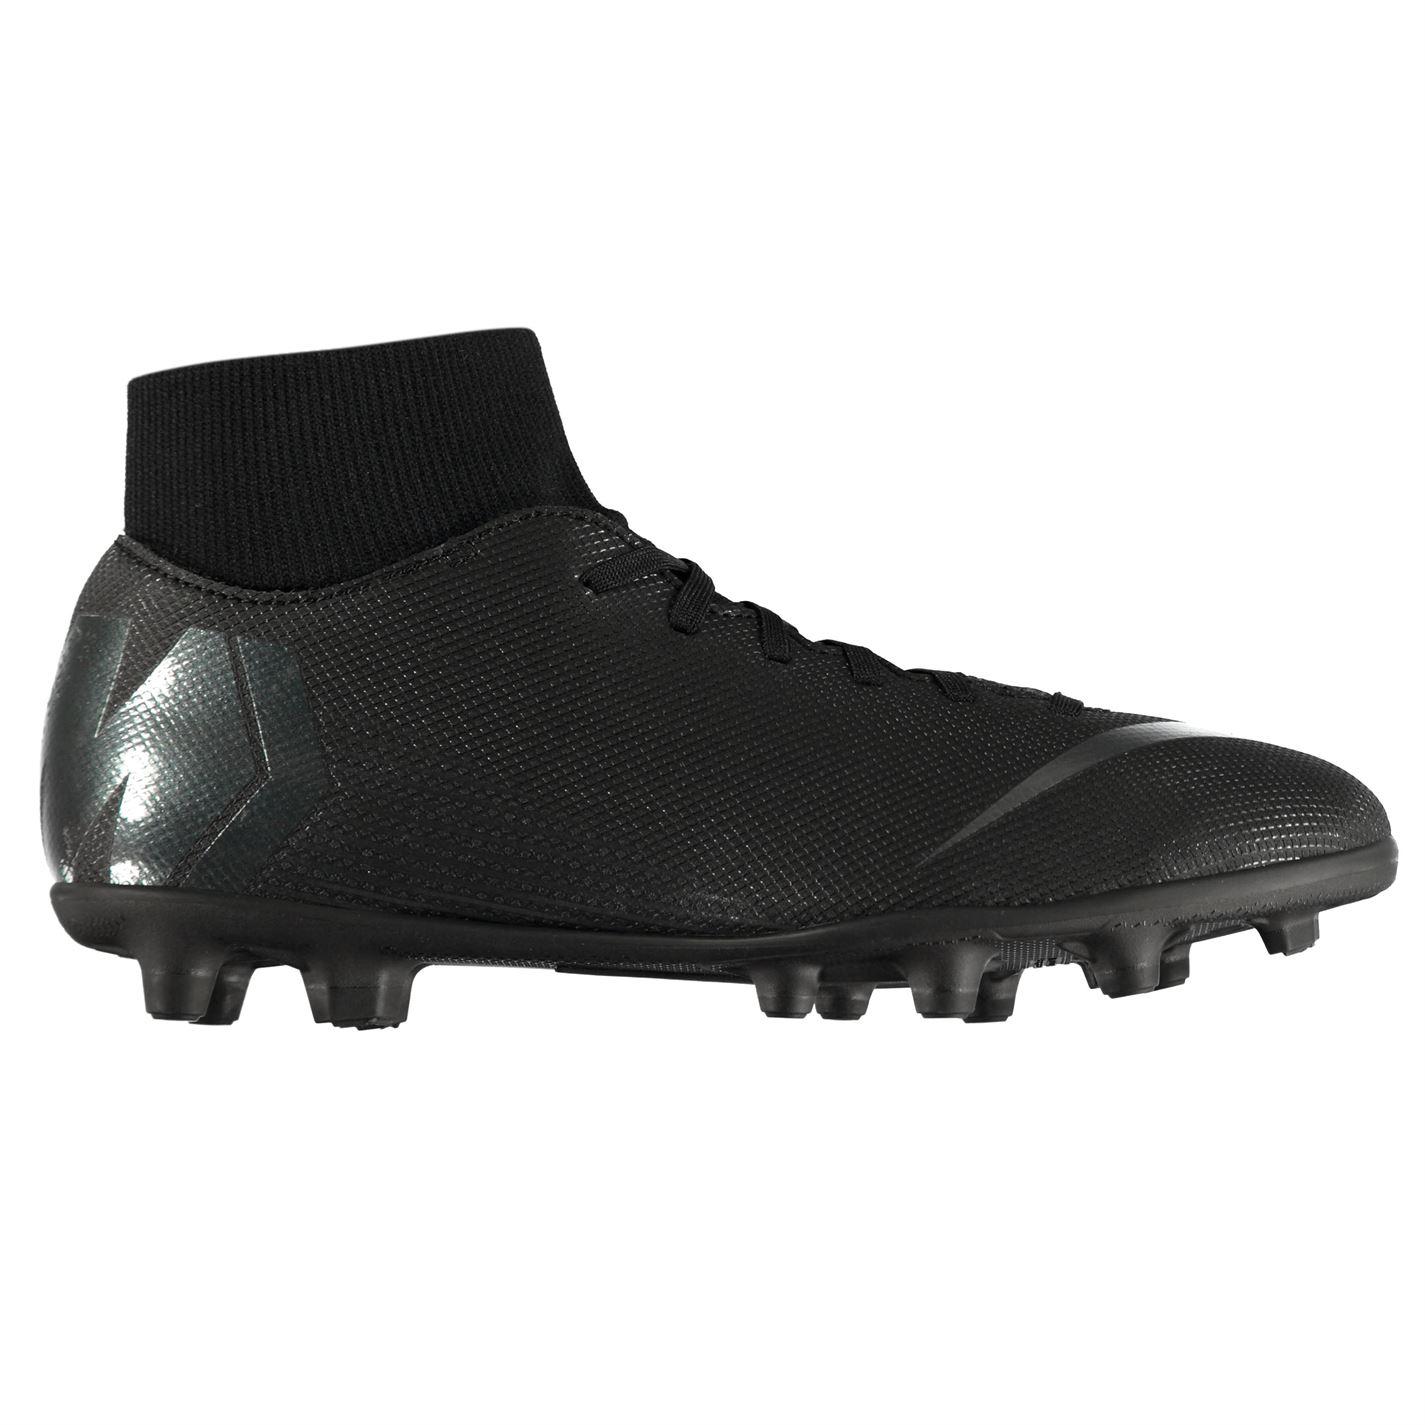 kopačky Nike CTR360 Trequartista FG Mens